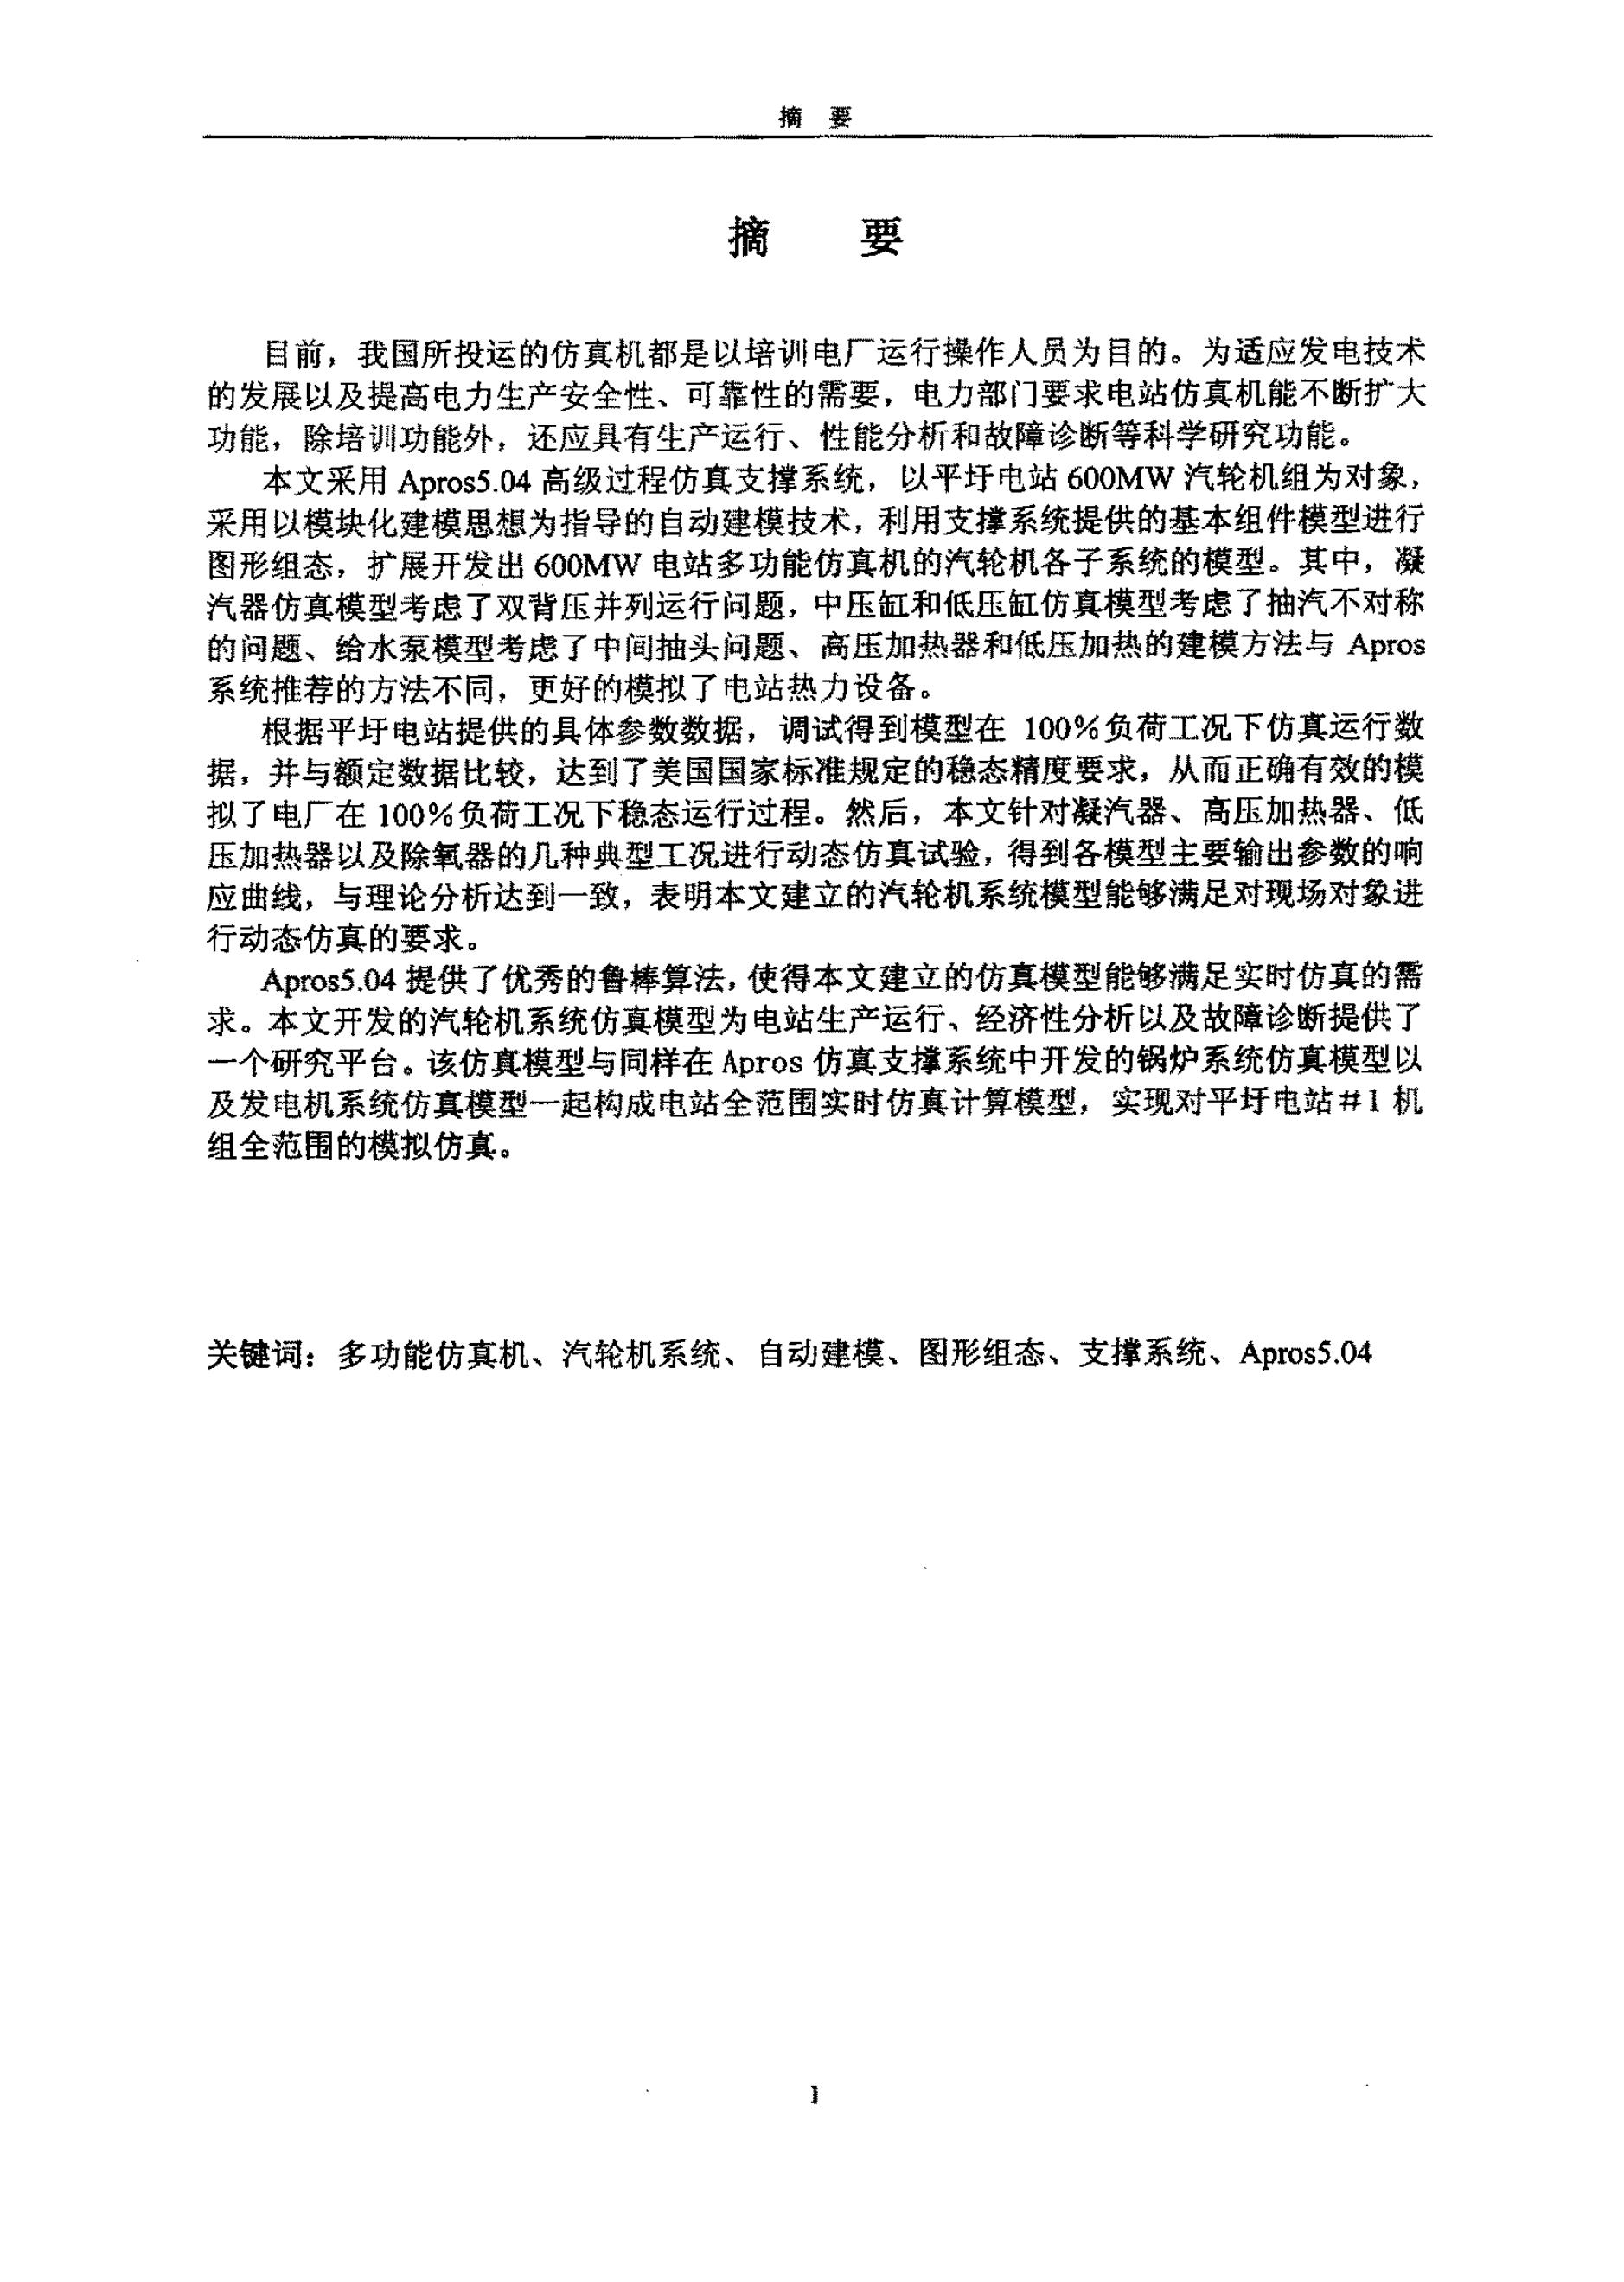 2014国际趲e:a�y�ZY`_网站首页 海量文档 >  专业论文 >  毕业论文  1.